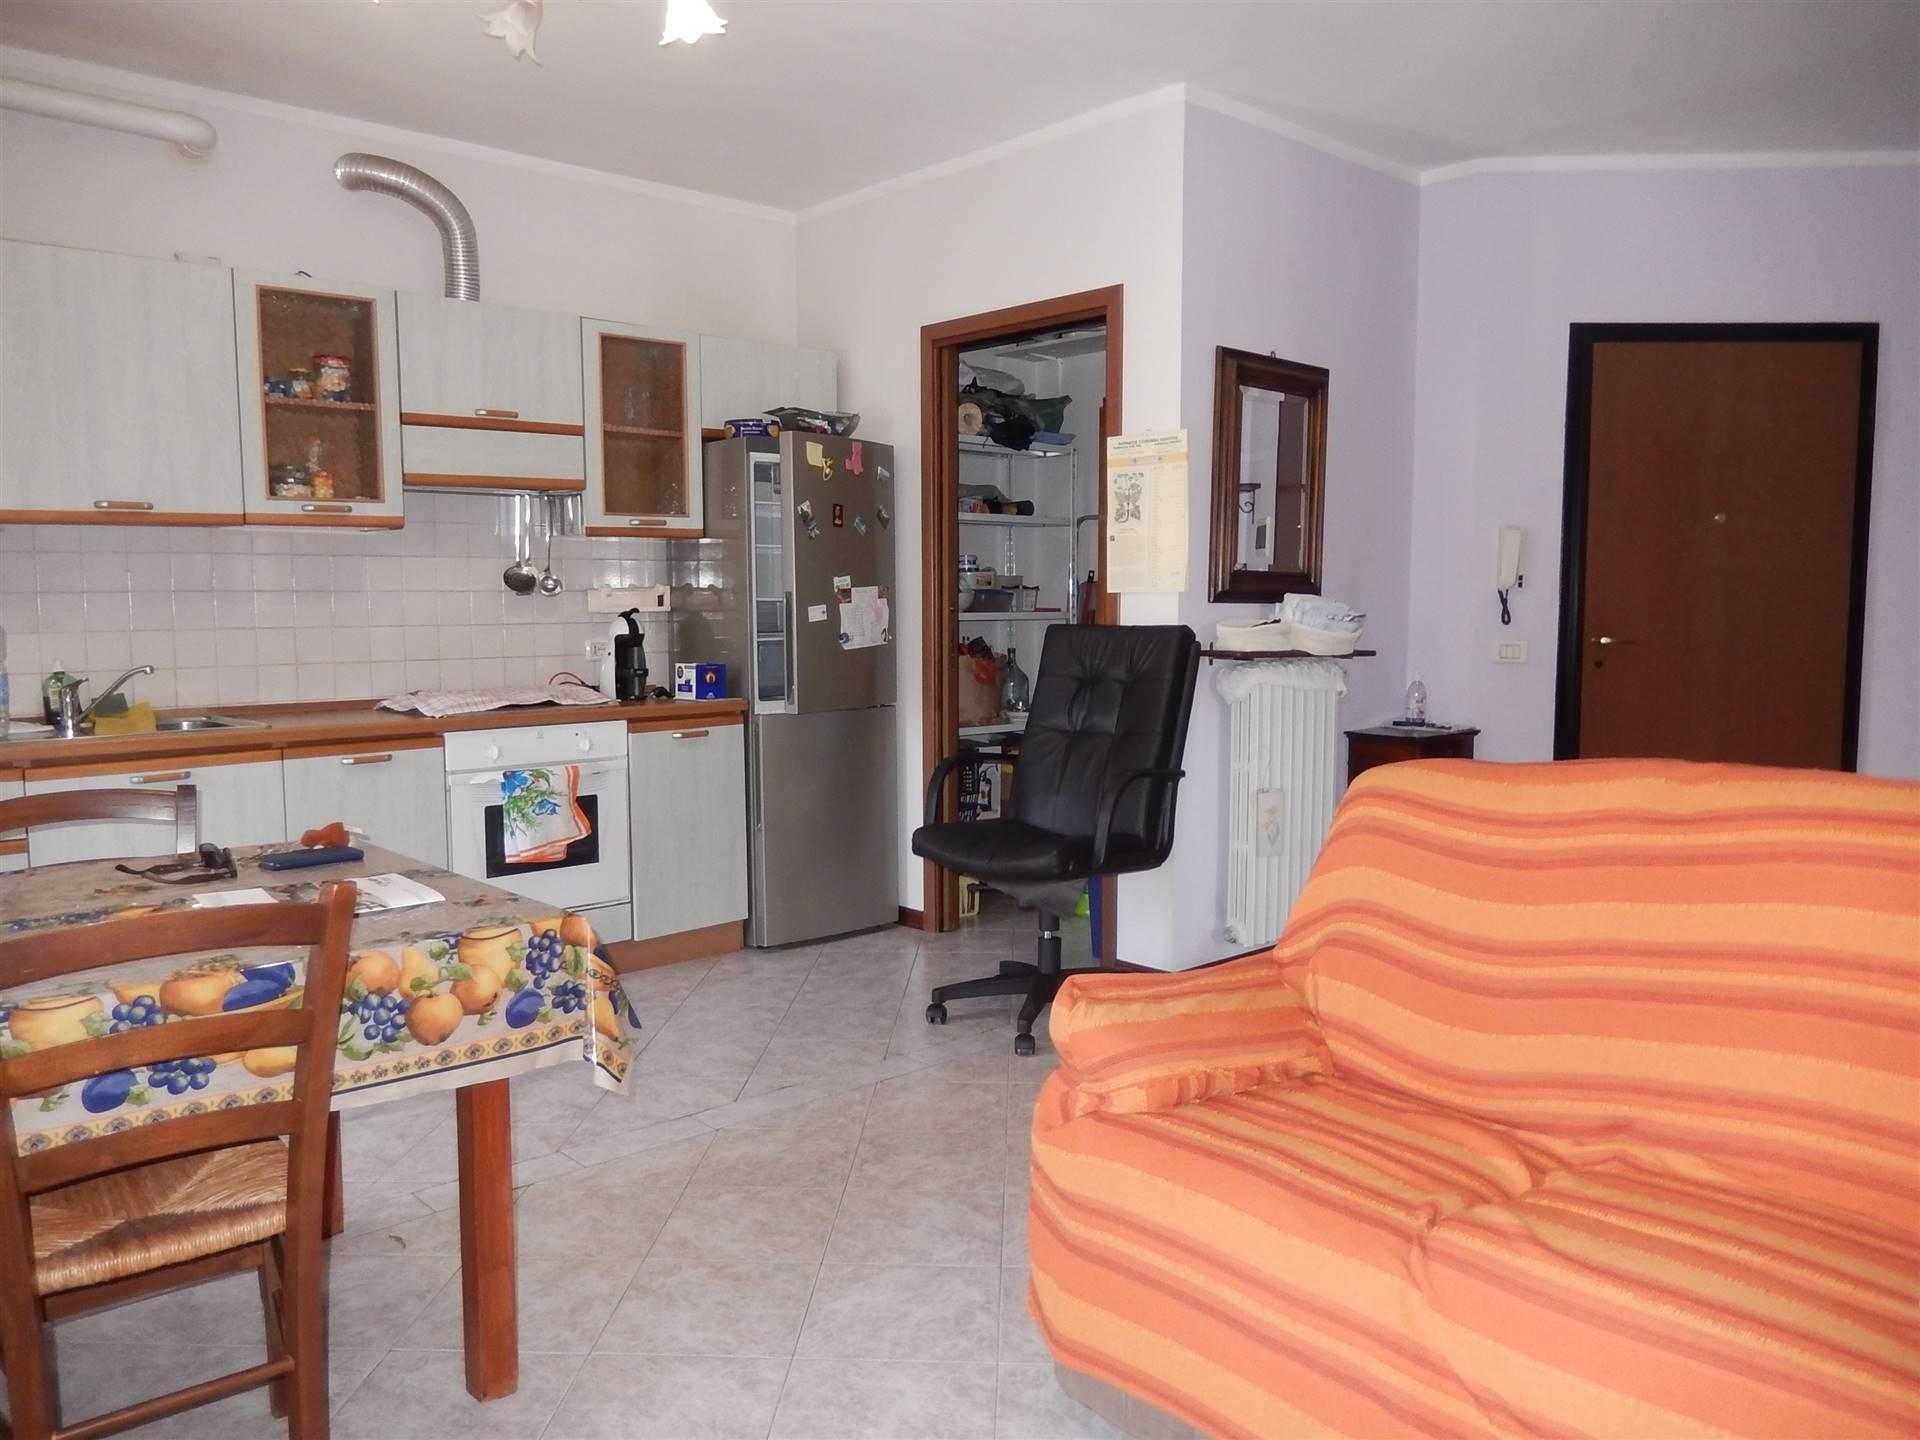 Appartamento in vendita a Mantova, 3 locali, zona Zona: Frassino, prezzo € 110.000 | CambioCasa.it